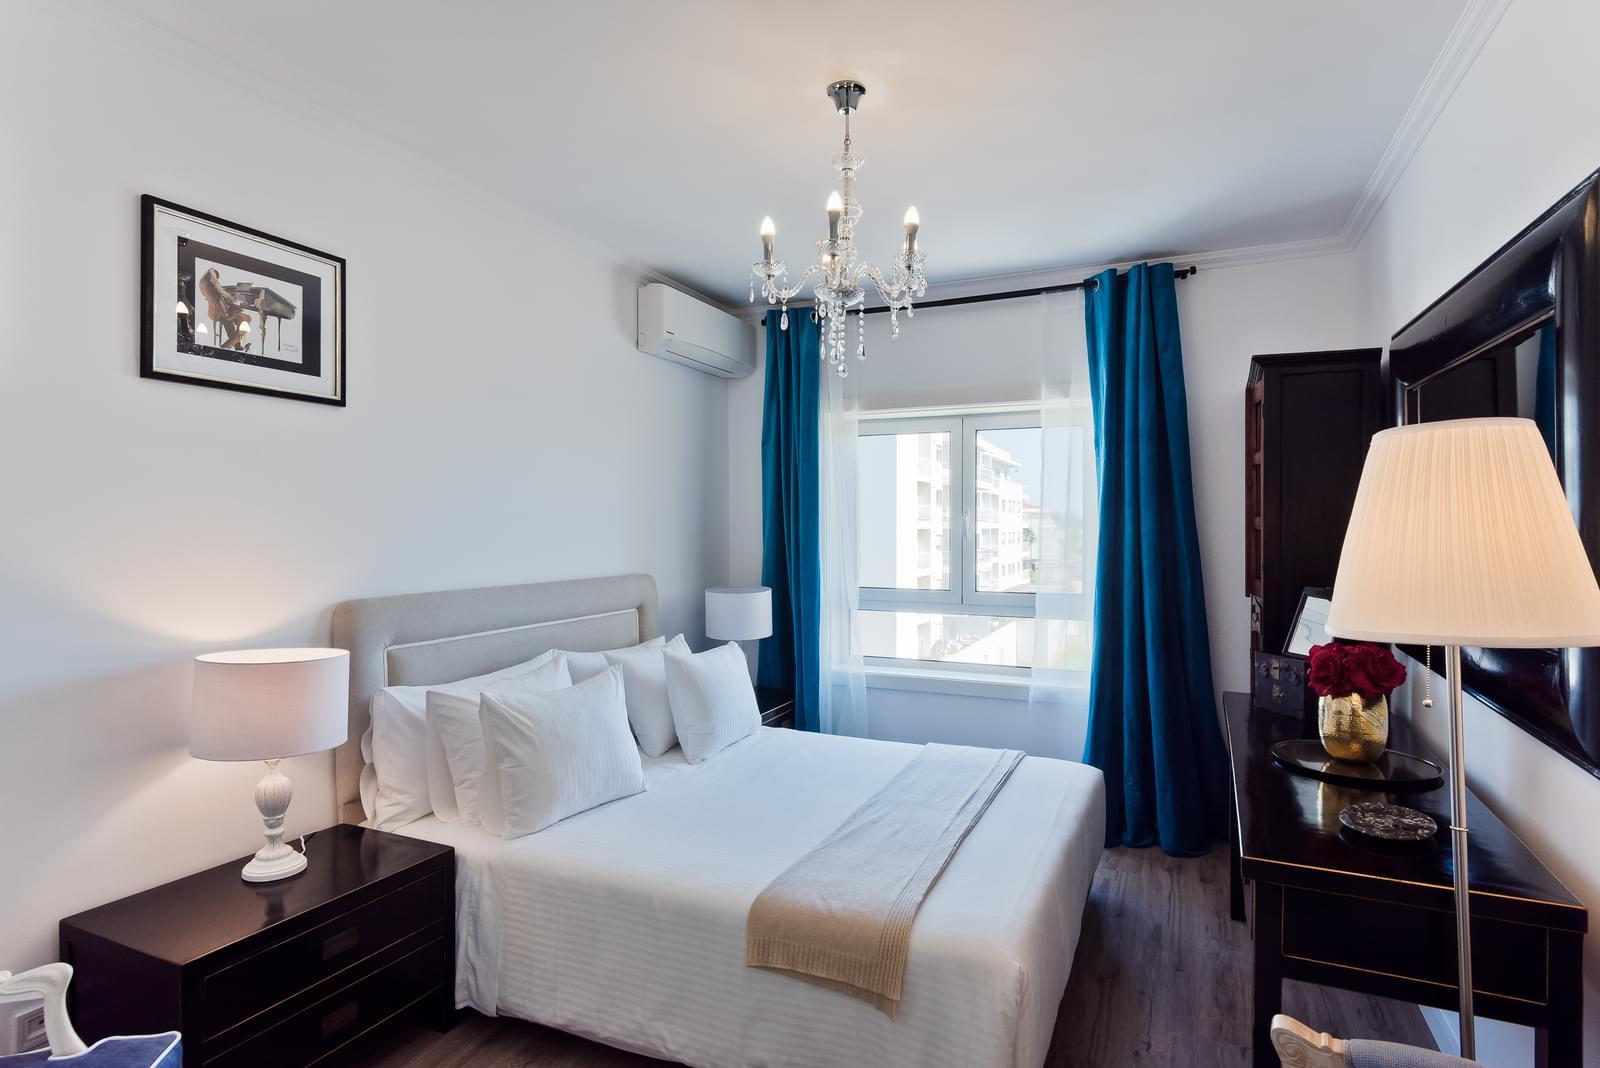 pf18170-apartamento-t3-cascais-33f5d01c-6be9-4220-84d8-2d30bb309990